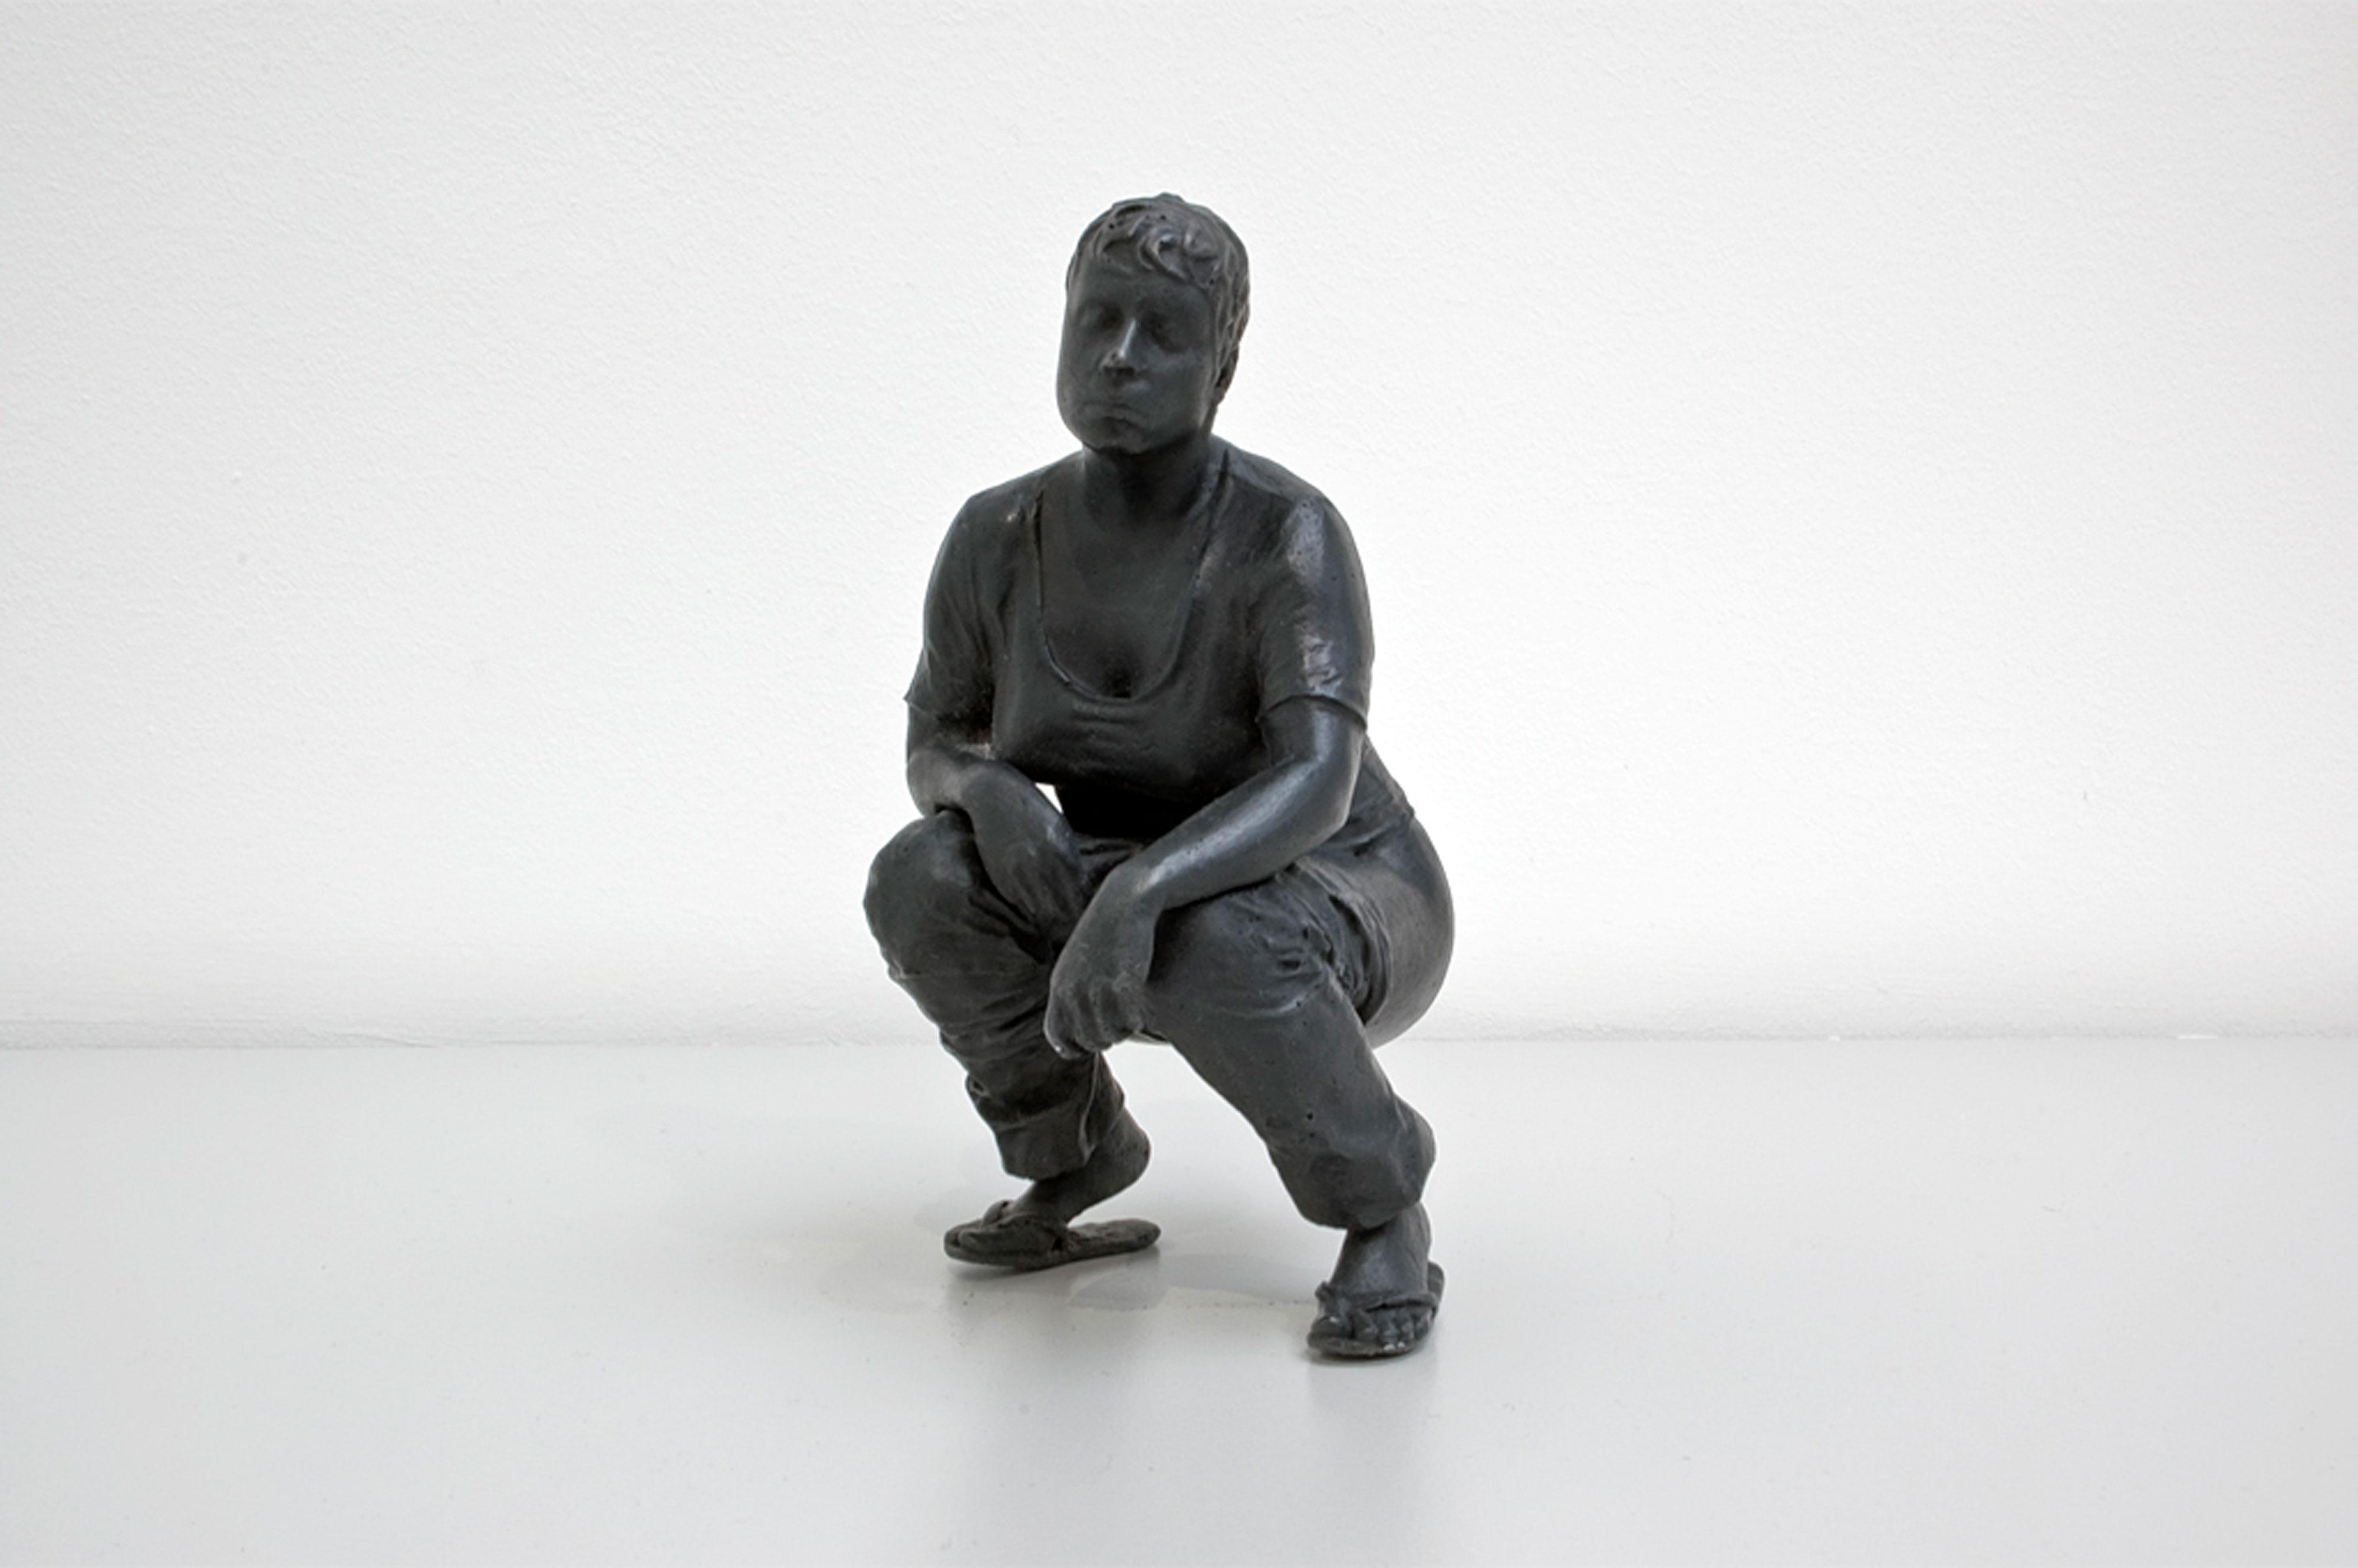 Galerie Barbara Thumm \ ZWANZIG anniversary exhibition 20 years Galerie Barbara Thumm \ Mini Fidei, 2014 (2014)